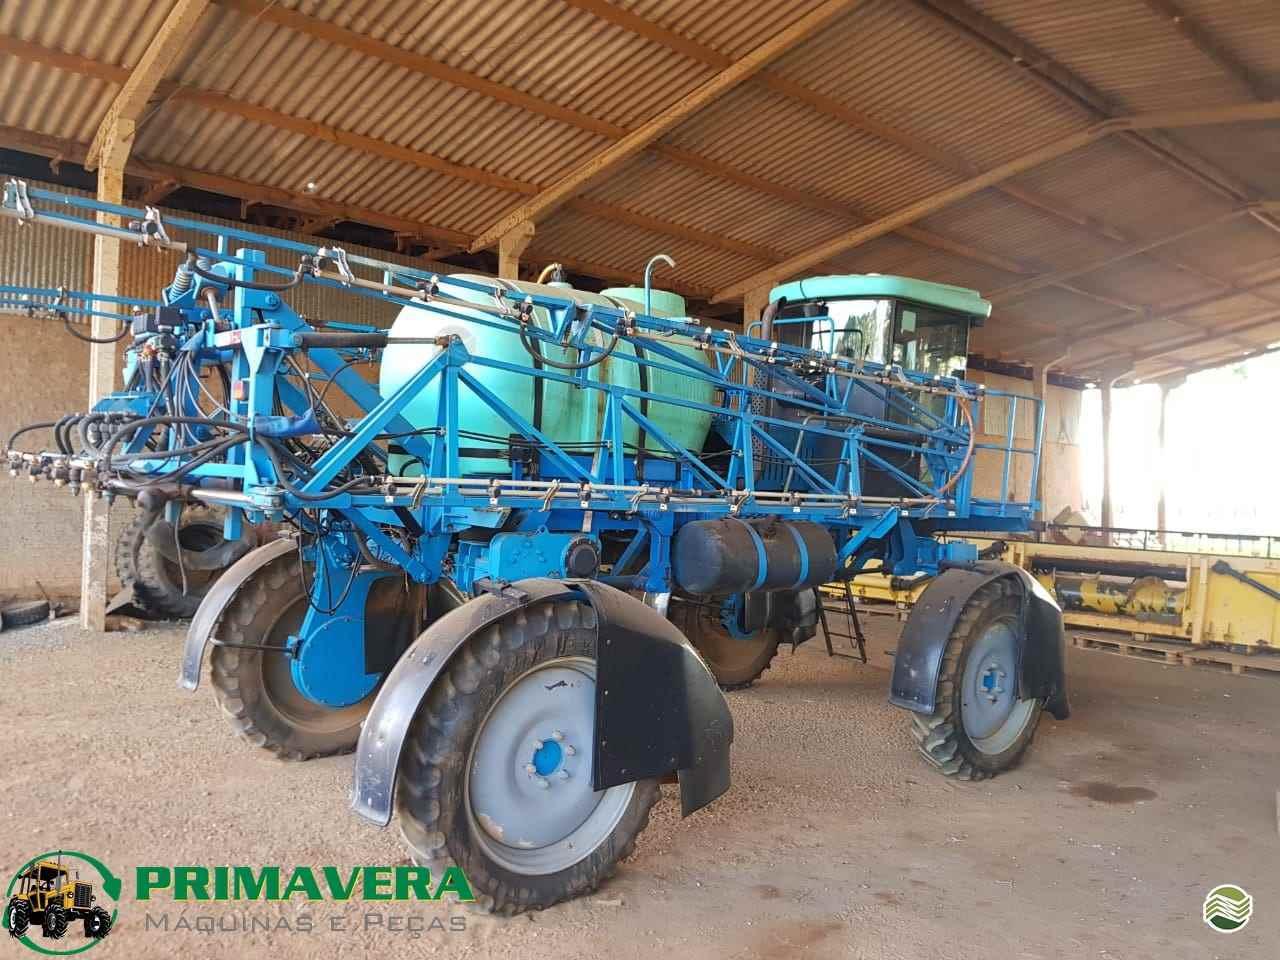 PULVERIZADOR MONTANA PARRUDA 2627 Tração 4x2 Primavera Máquinas Usadas PRIMAVERA DO LESTE MATO GROSSO MT